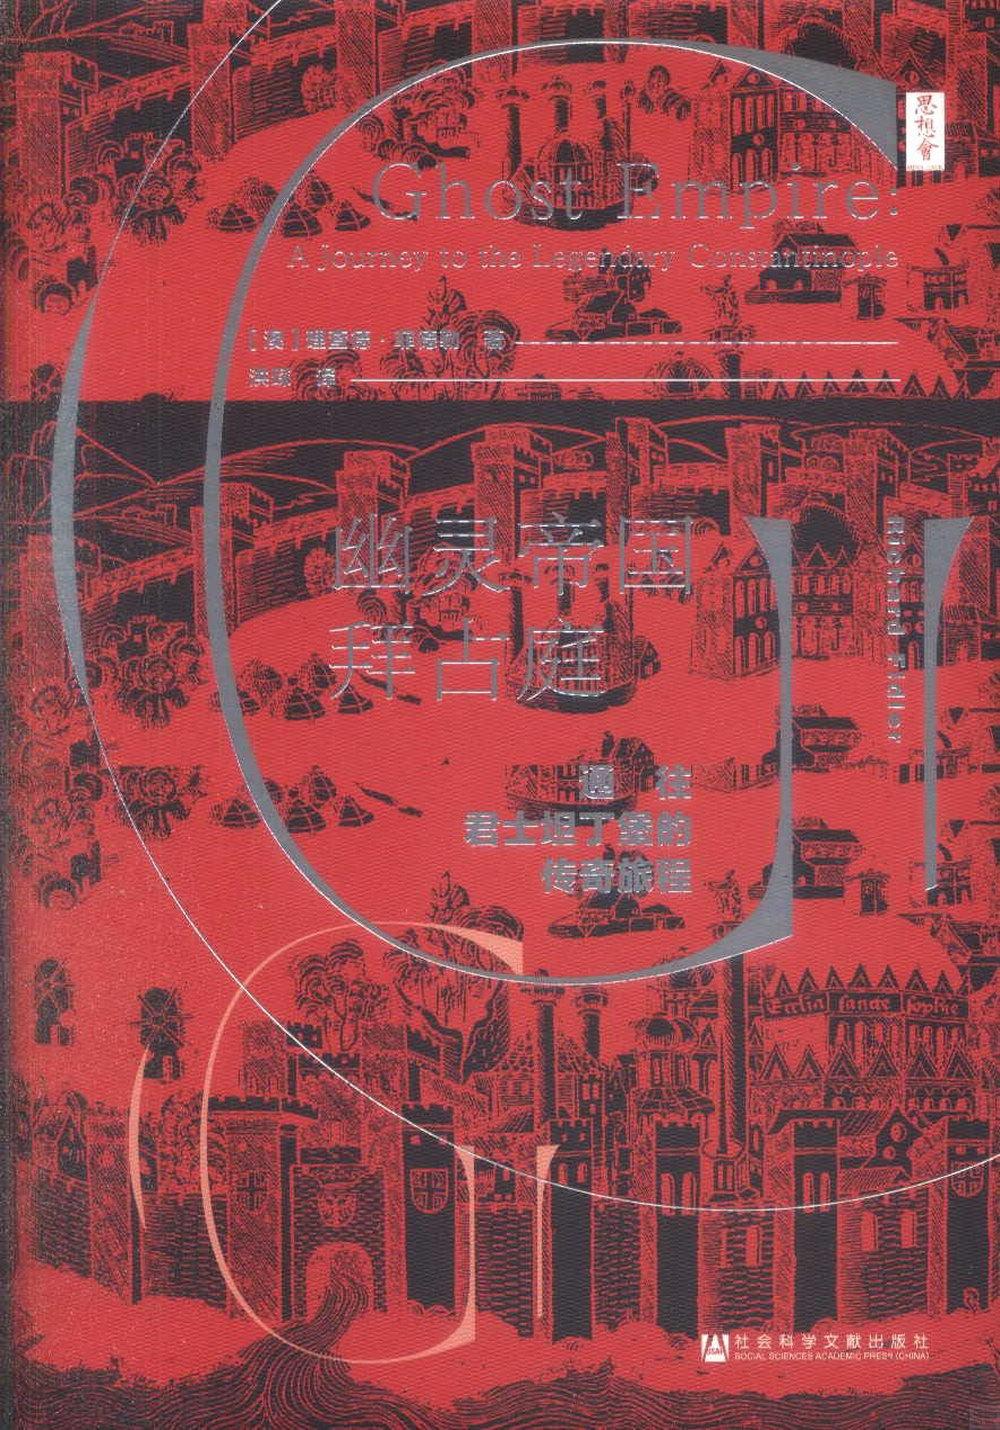 幽靈帝國拜占庭:通往君士坦丁堡的傳奇旅程